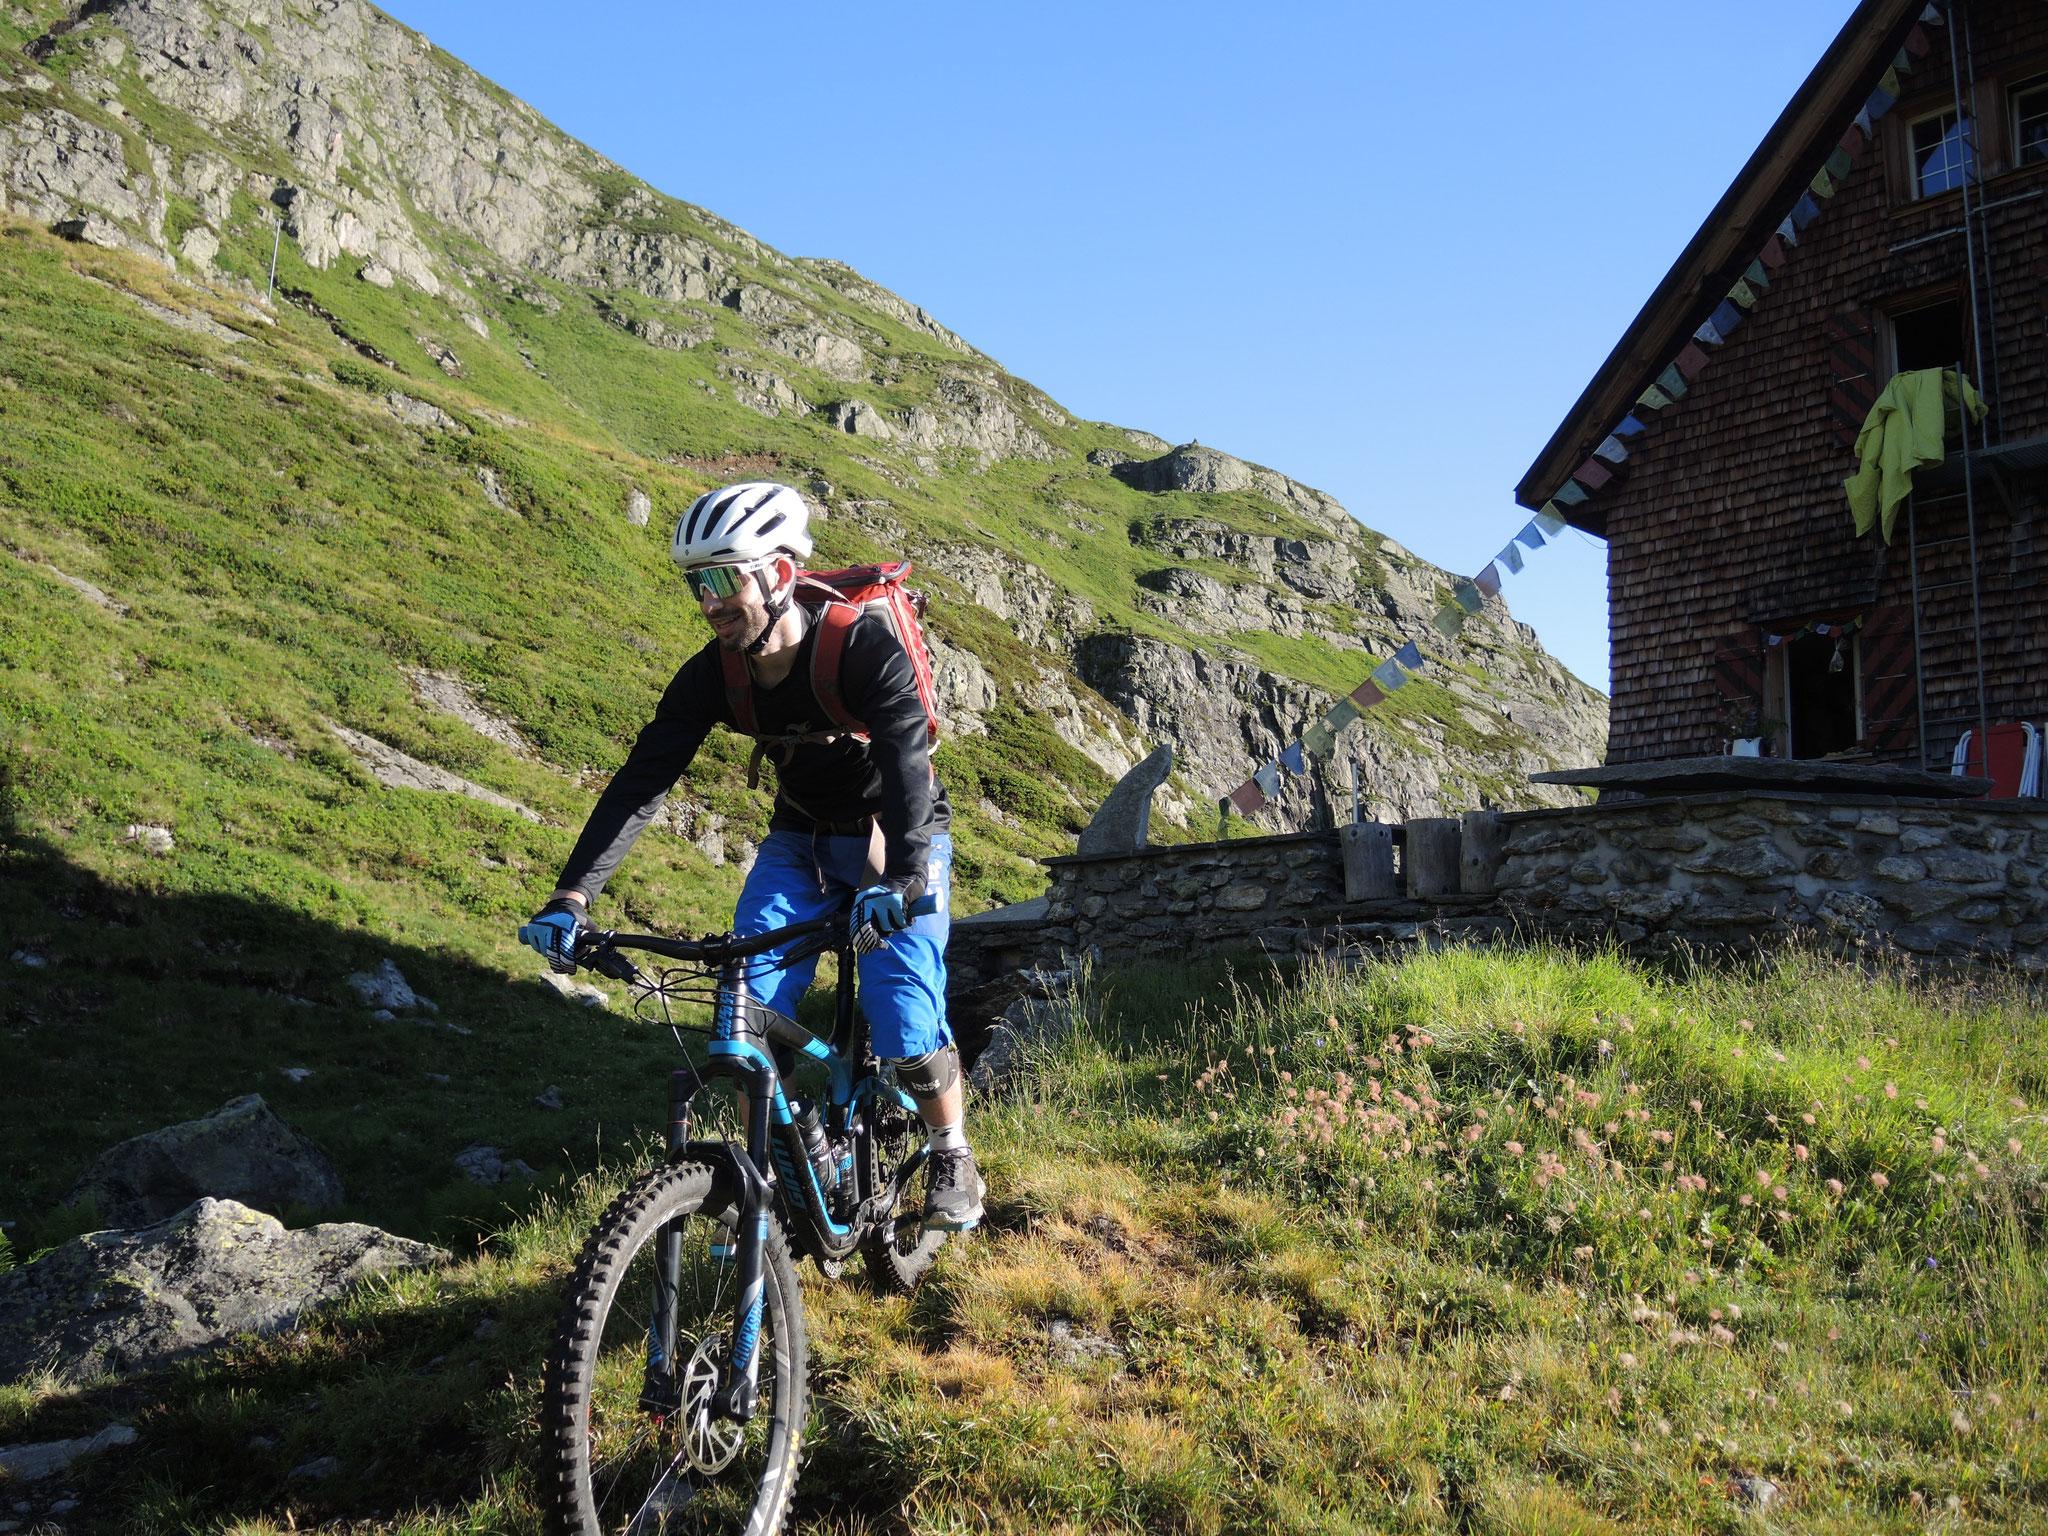 ...32: Erster Biker im Gauli!